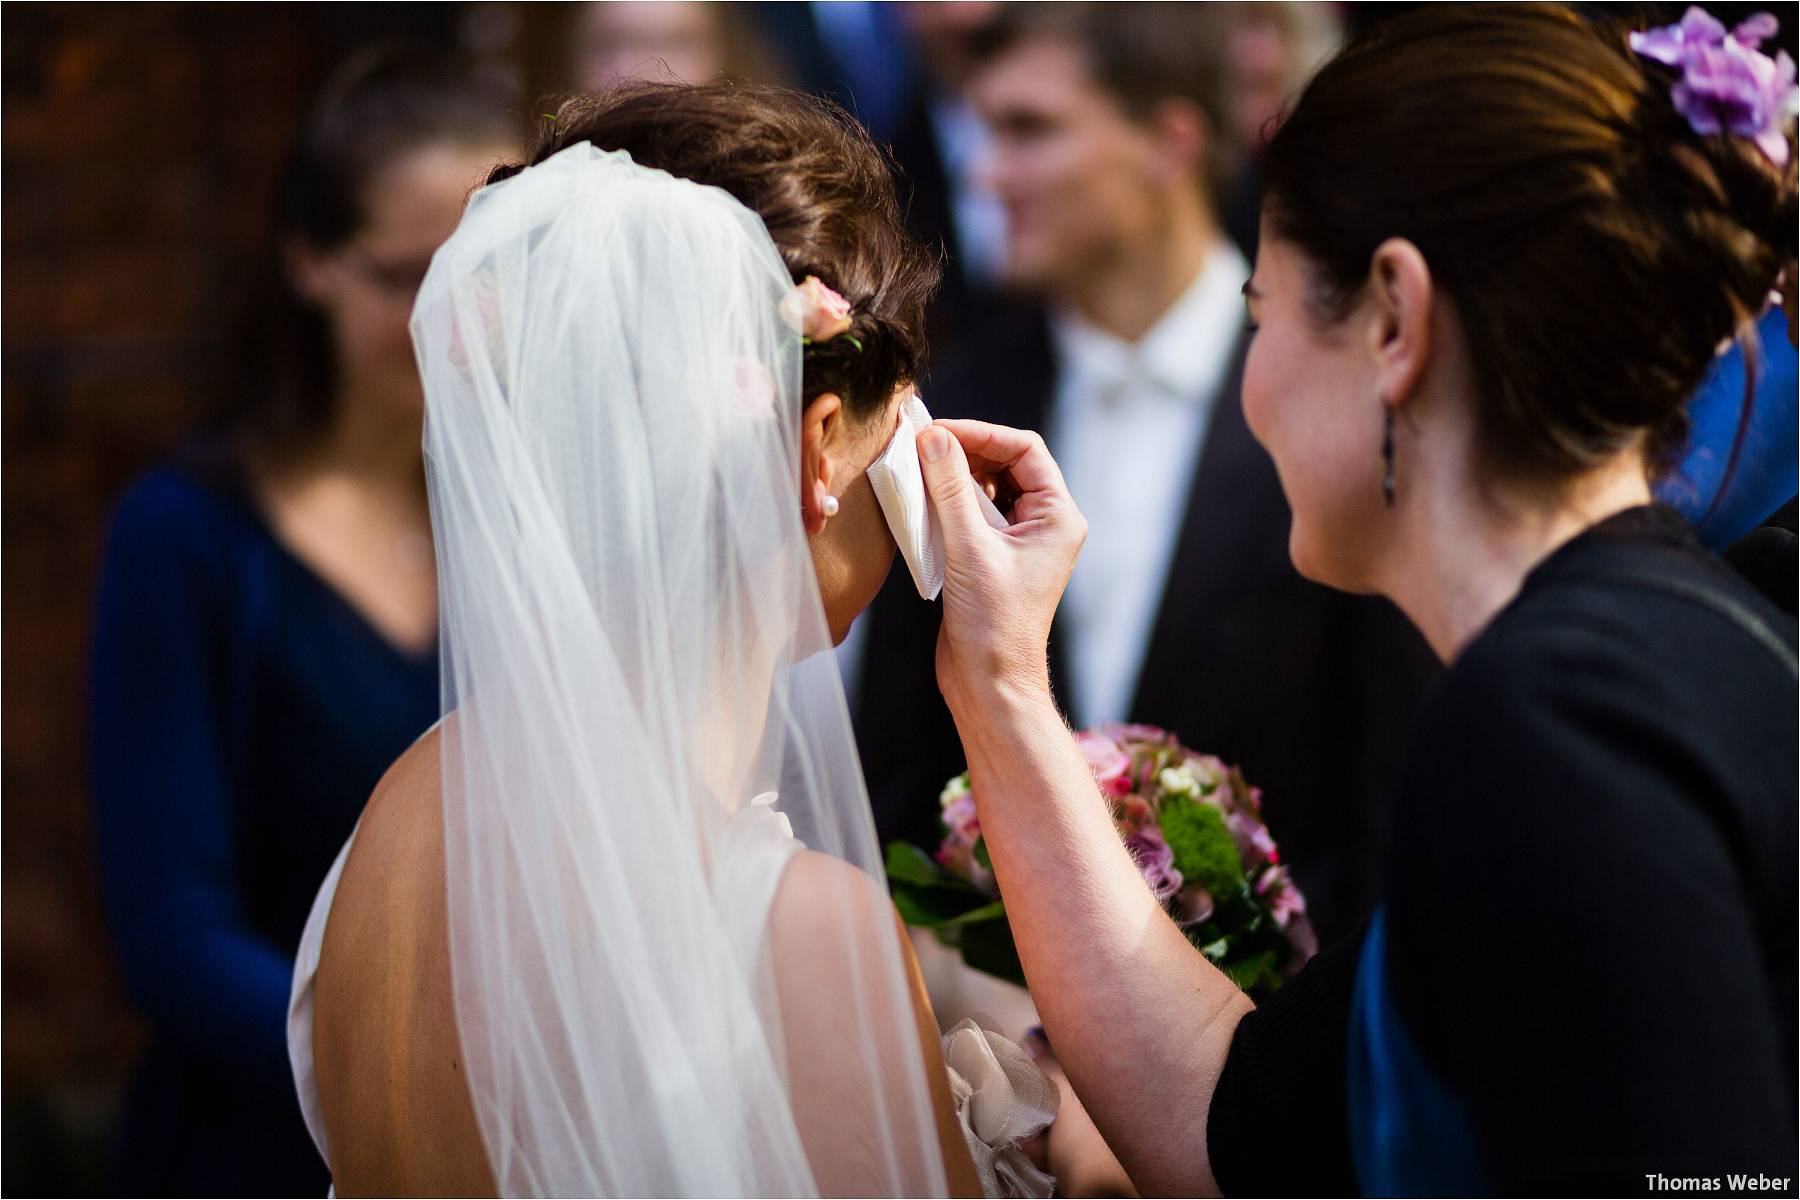 Hochzeitsfotograf Bremen: Kirchliche Trauung in der Propsteikirche St. Johann im Bremer Schnoor und Hochzeitsfeier bei Rogge Dünsen (16)